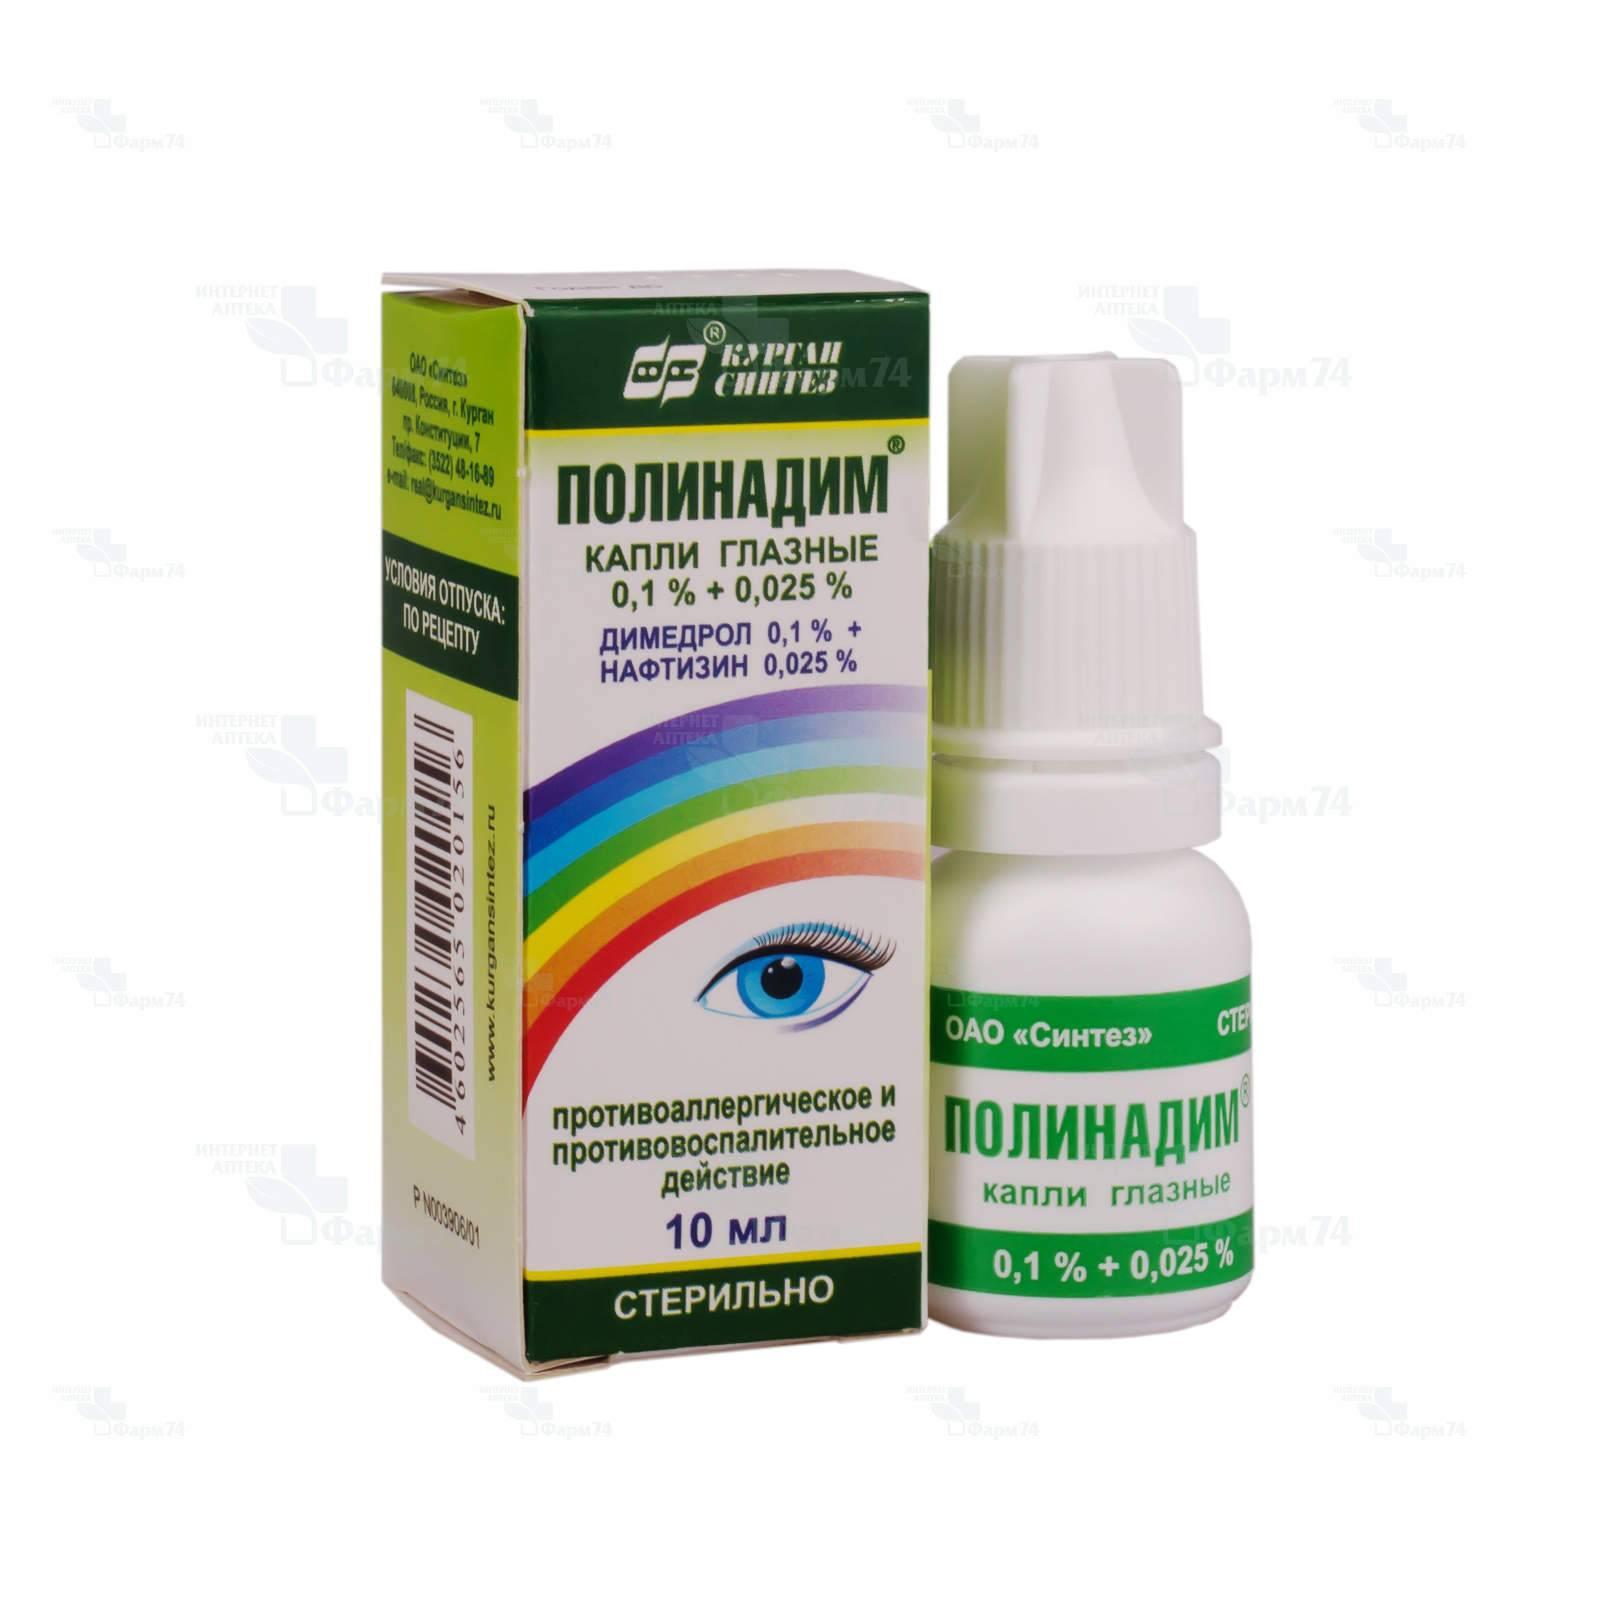 Тропикамид (глазные капли): инструкция по применению, сколько стоит, аналоги, зачем его употребляют наркоманы